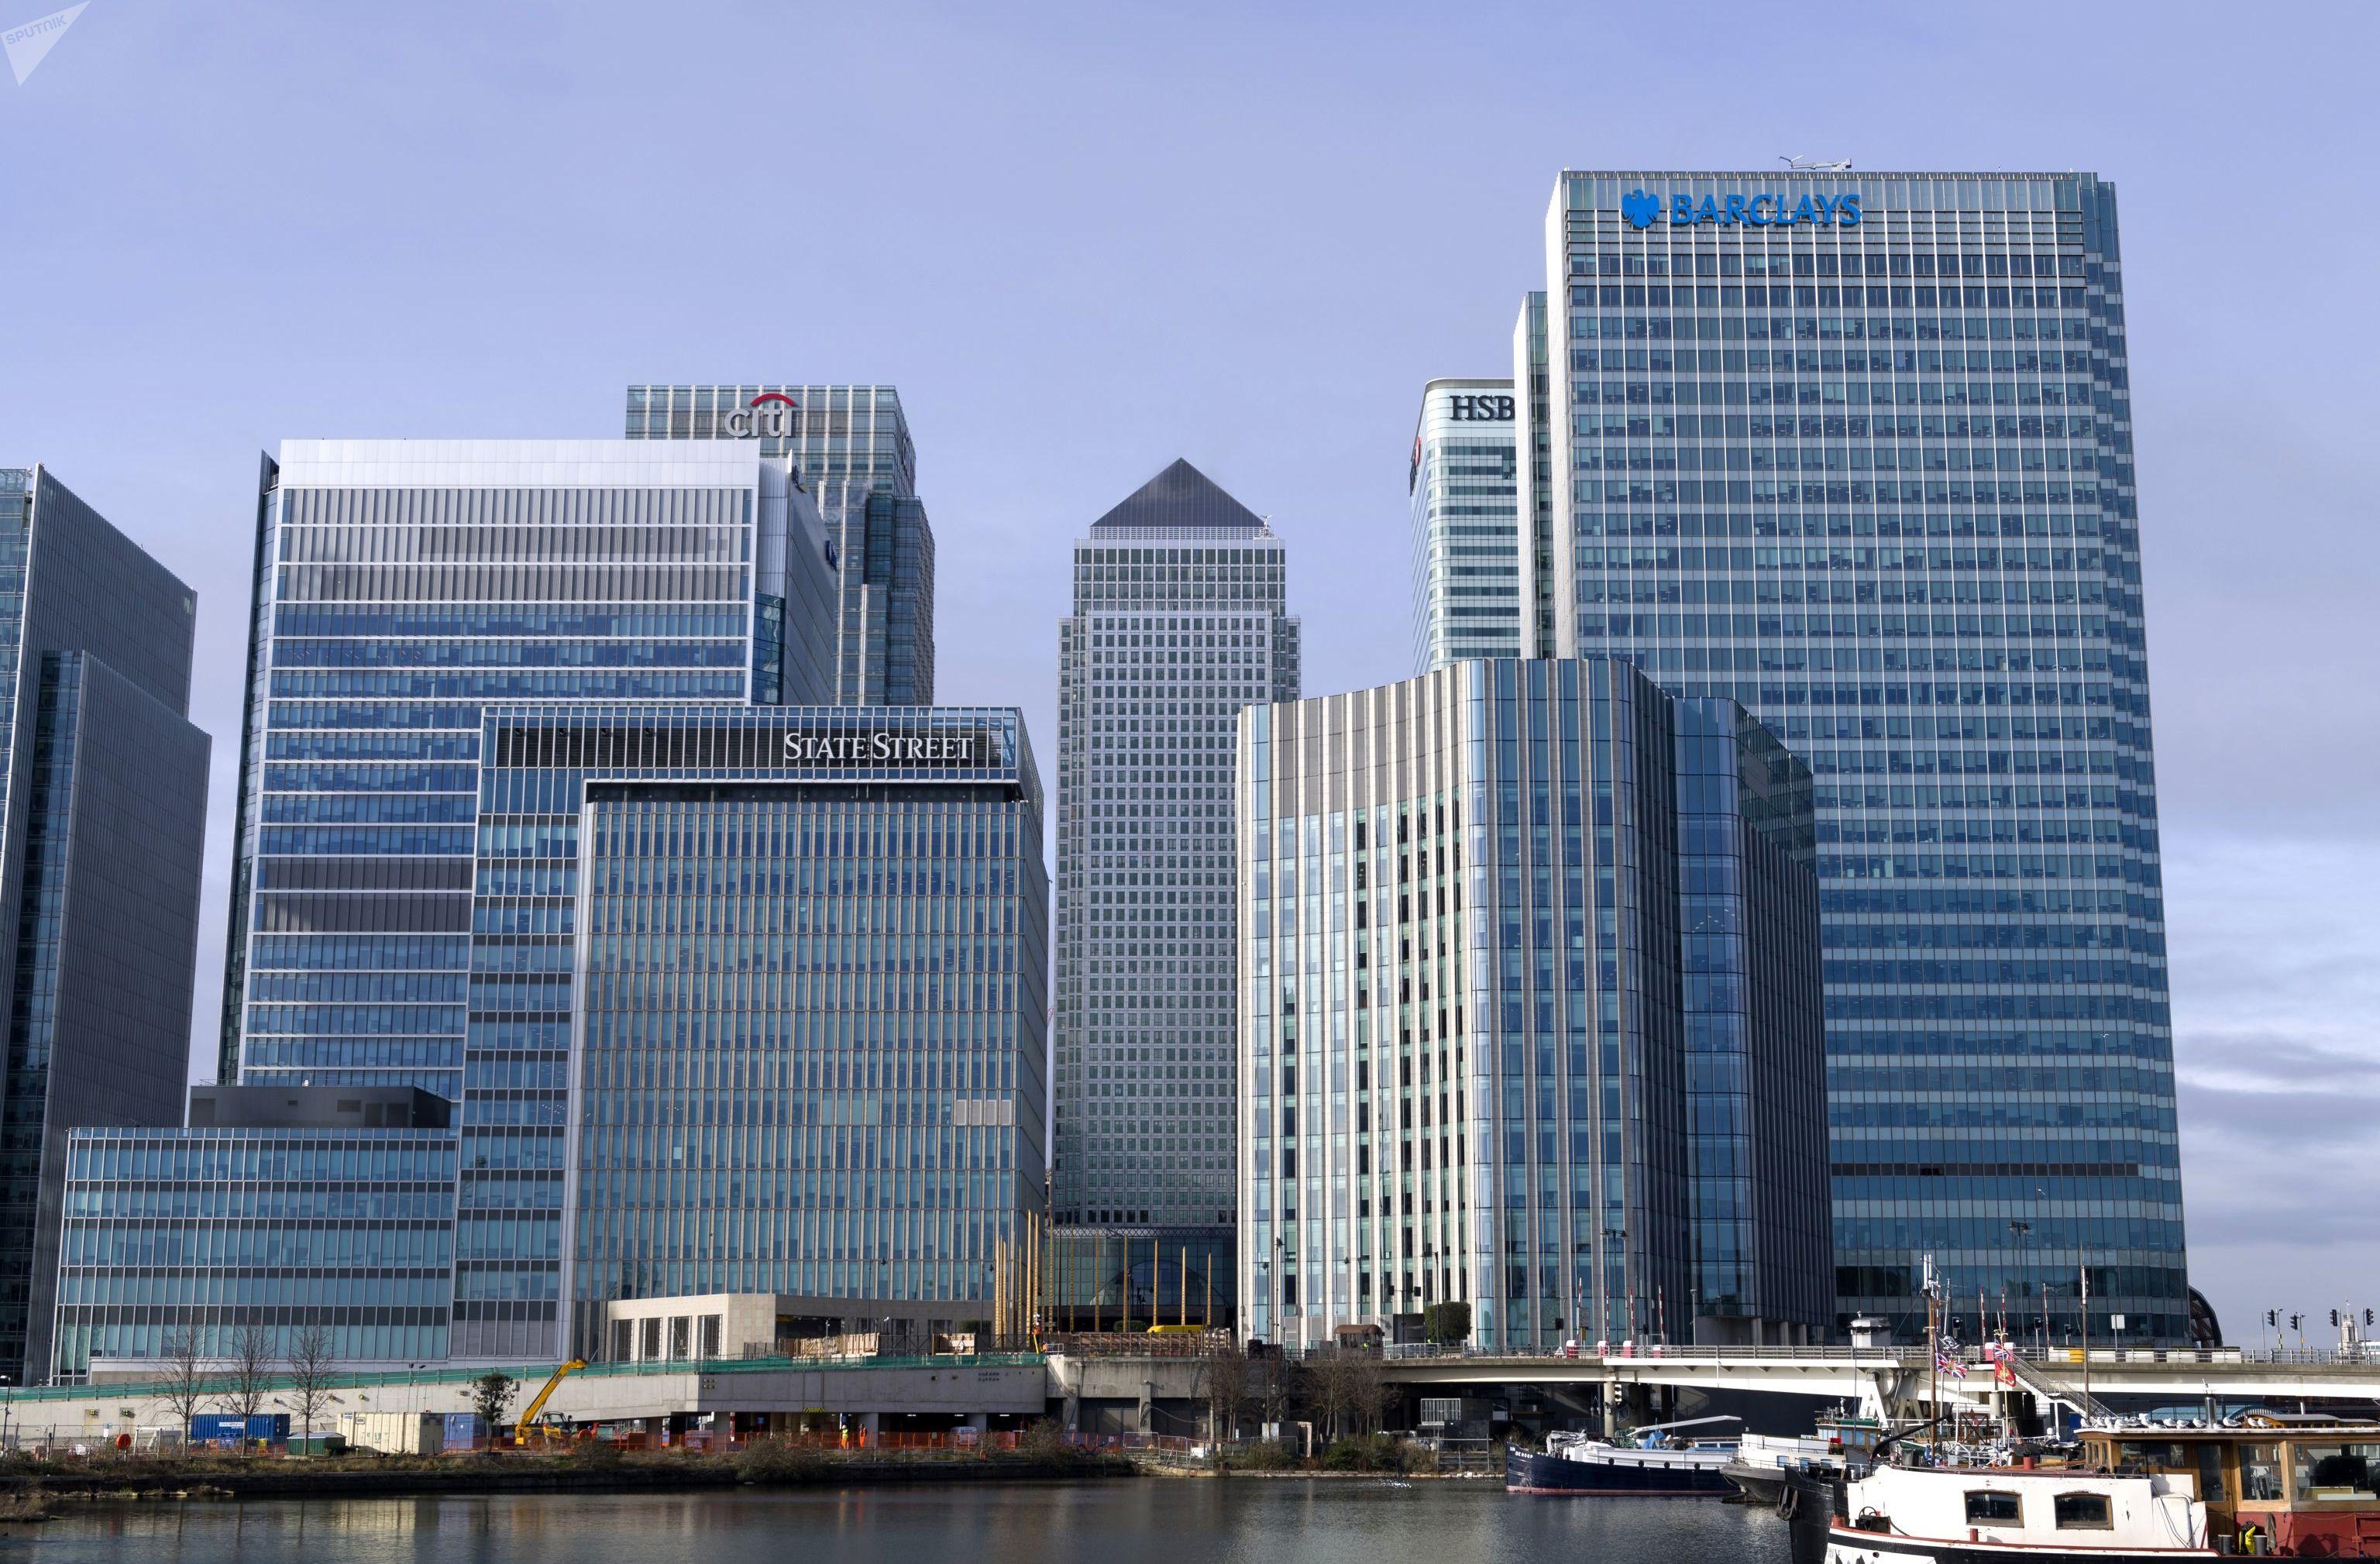 Bancos no distrito financeiro de Londres, a chamada London City